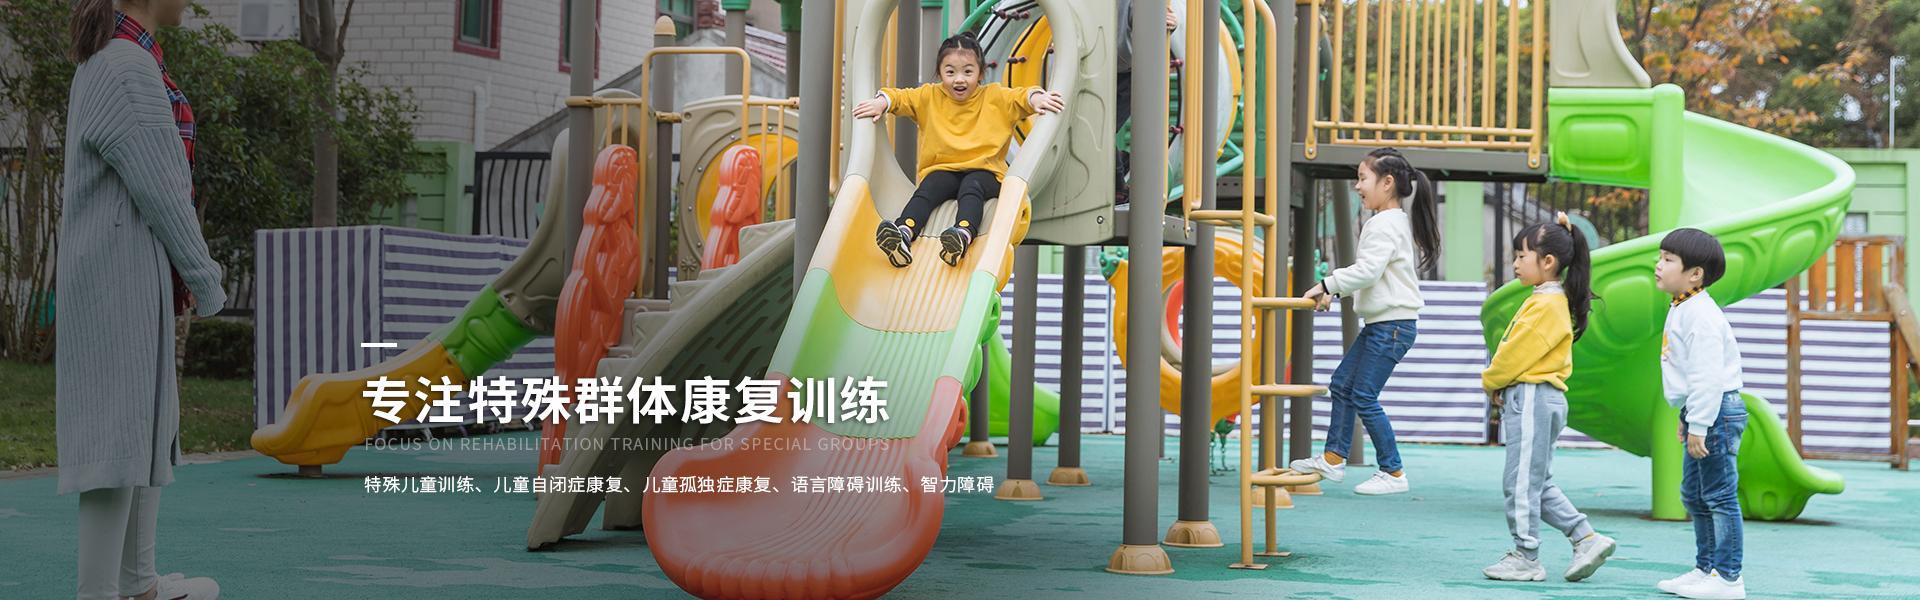 重庆儿童孤独症康复训练